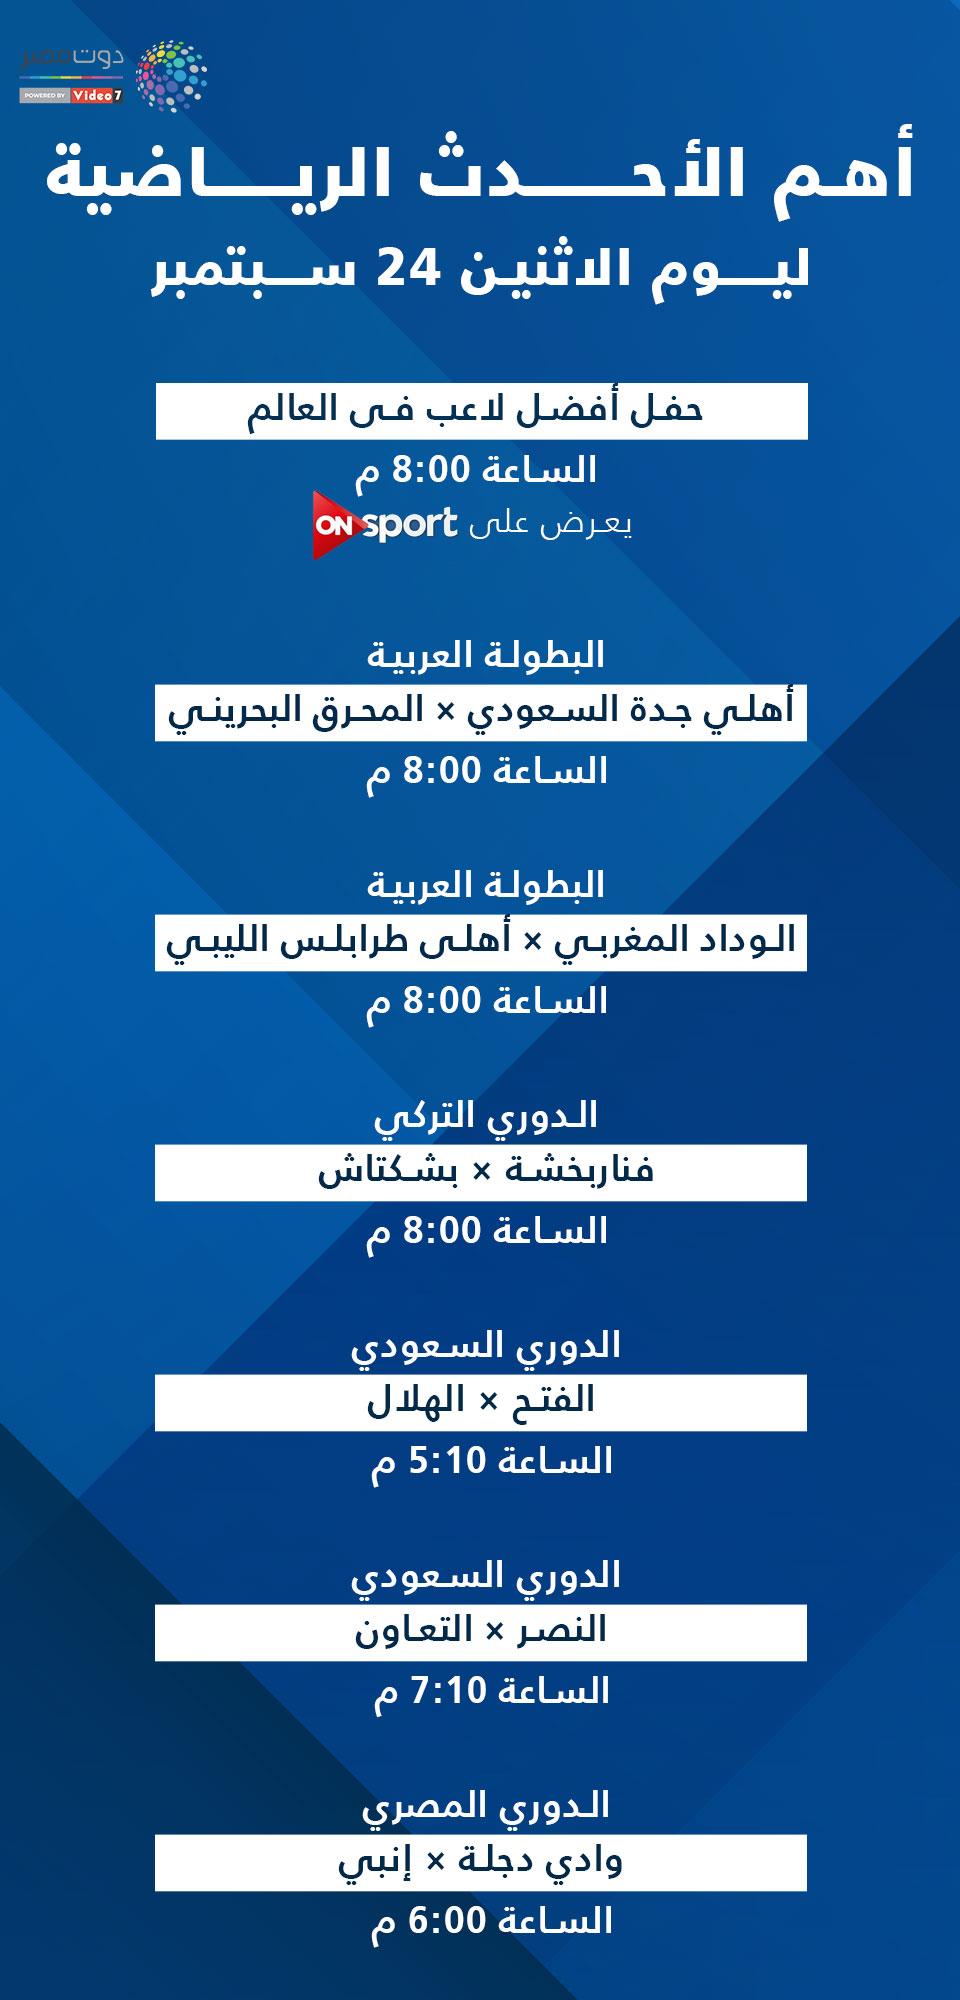 مواعيد مباريات اليوم الاثنين 24 سبتمبر